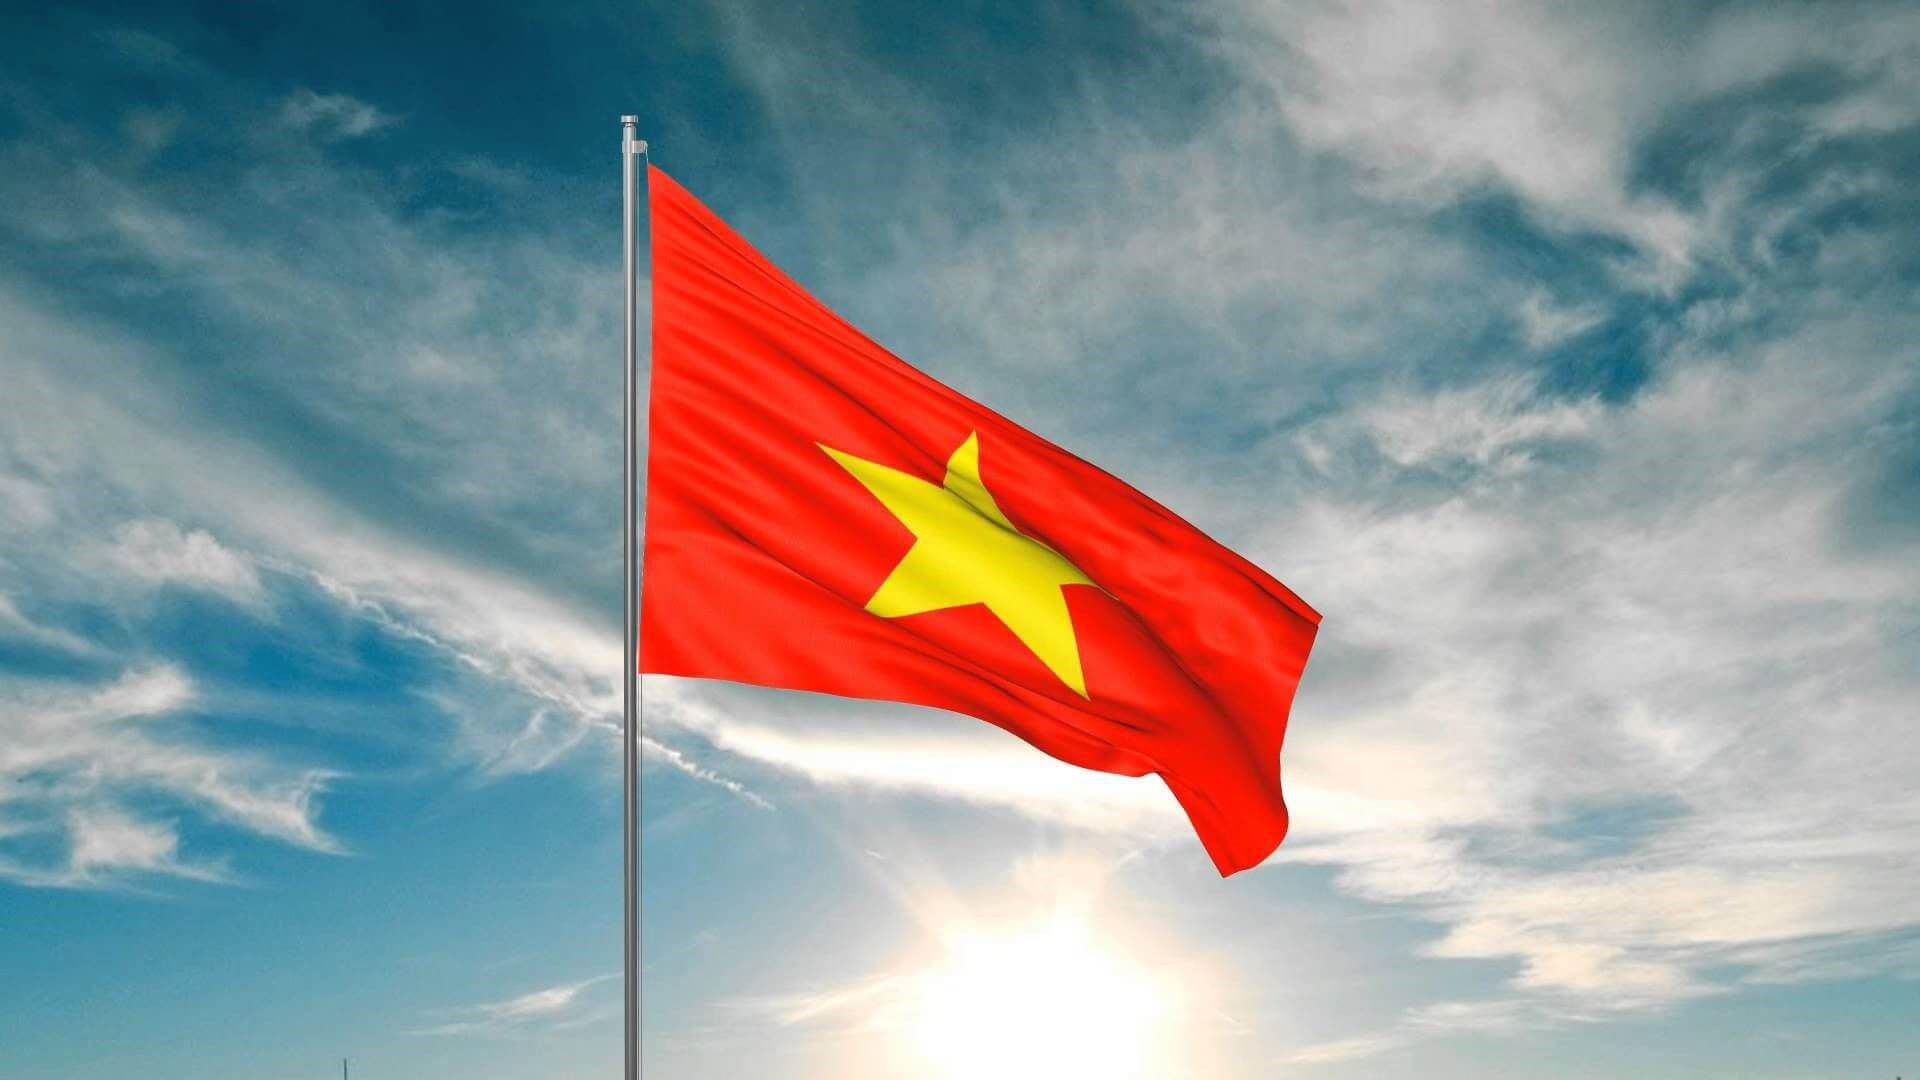 Ý nghĩa của lá Cờ Quốc Gia Việt Nam trong trái tim người dân